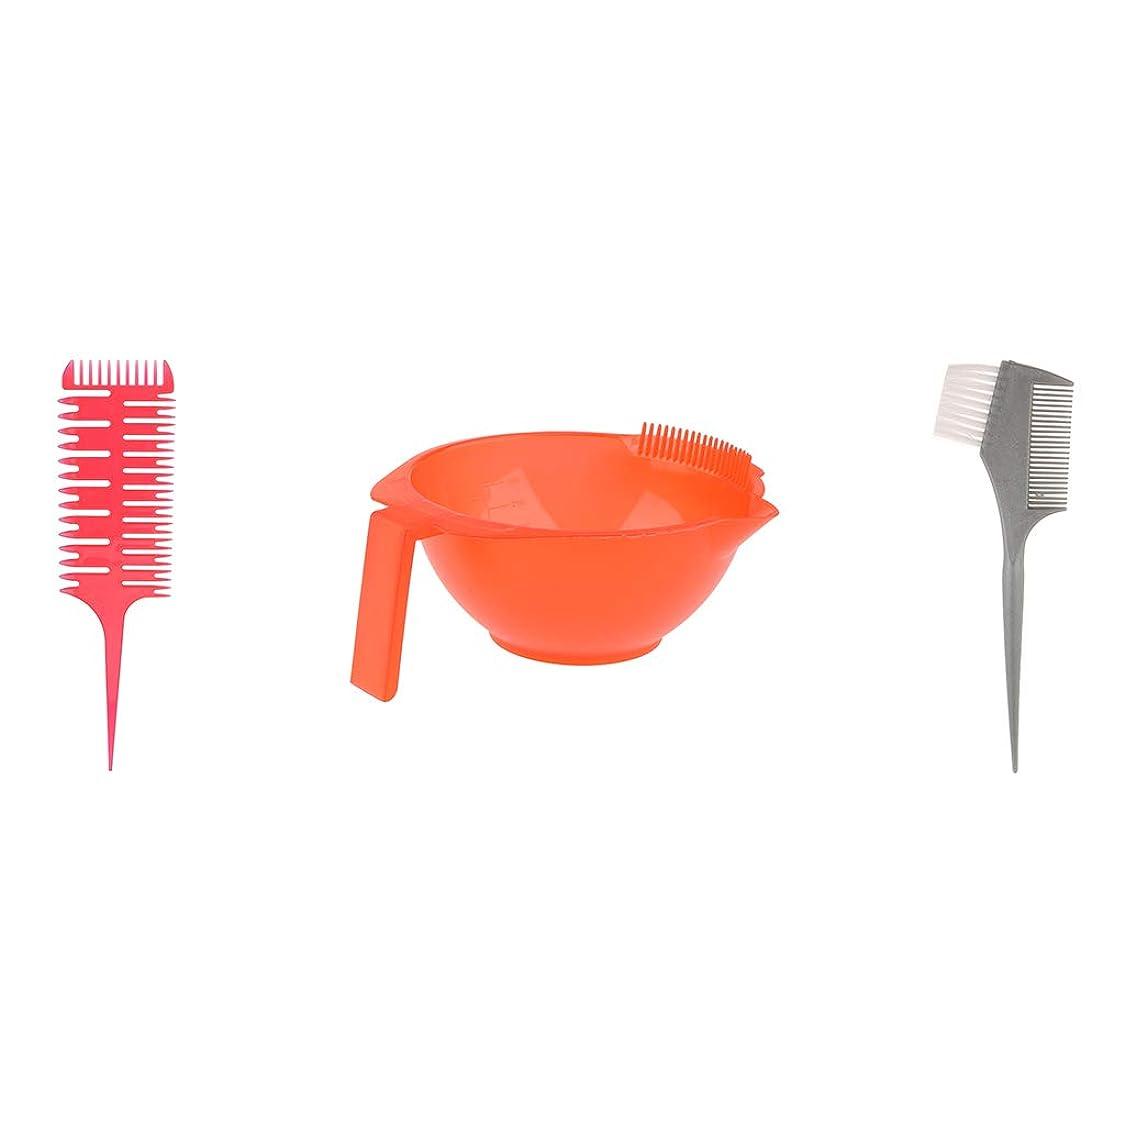 料理をする歌無へアカラーセット ブラシボウル付き ヘアダイブラシ DIY髪染め用 サロン 美髪師用 ヘアカラーの用具